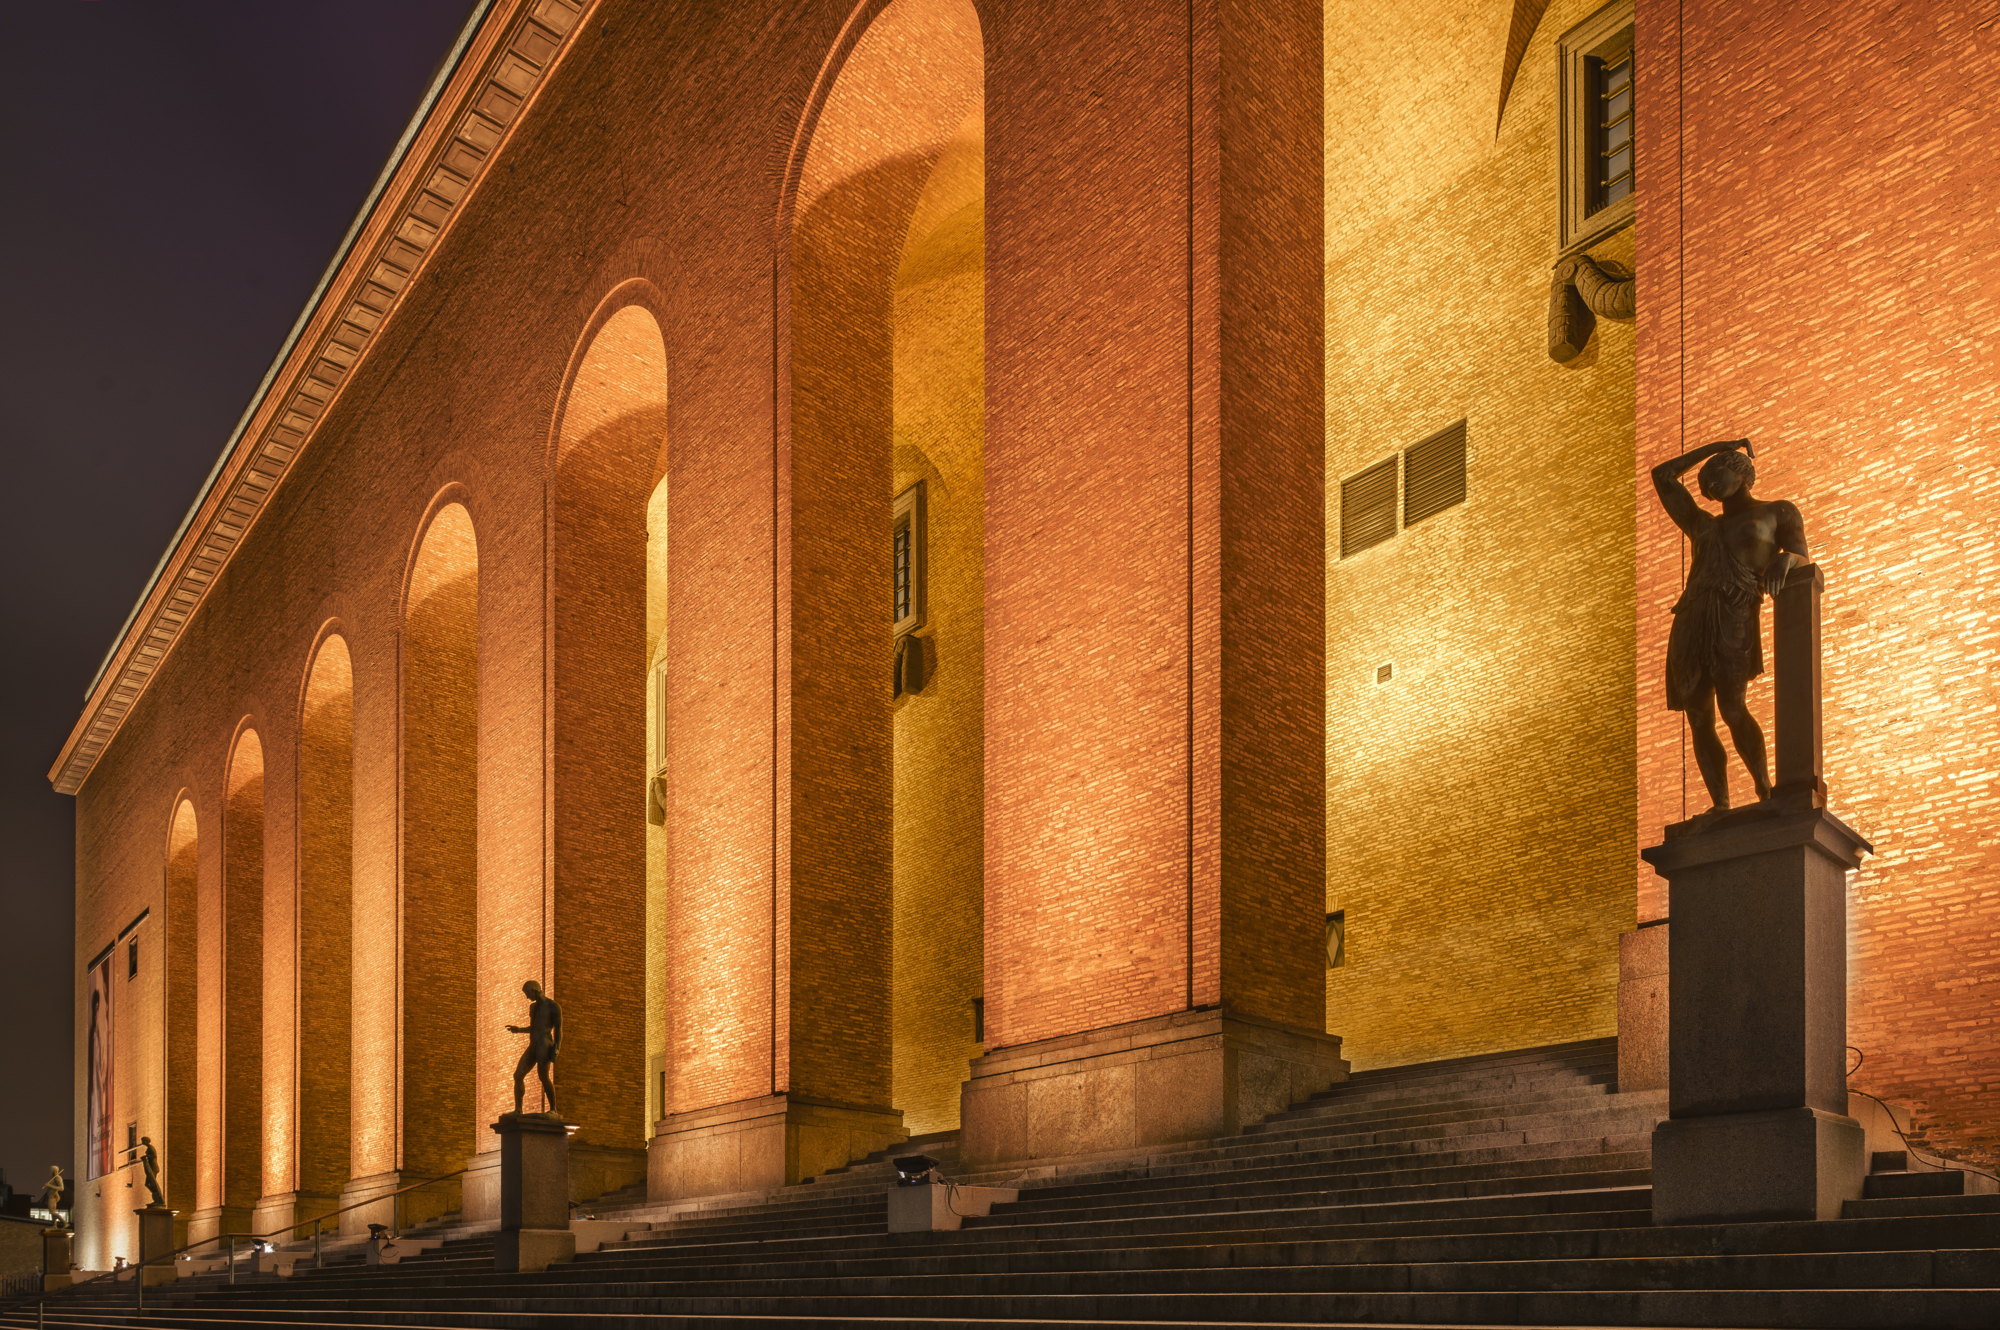 Göteborgs konstmuseum lyser i orange.